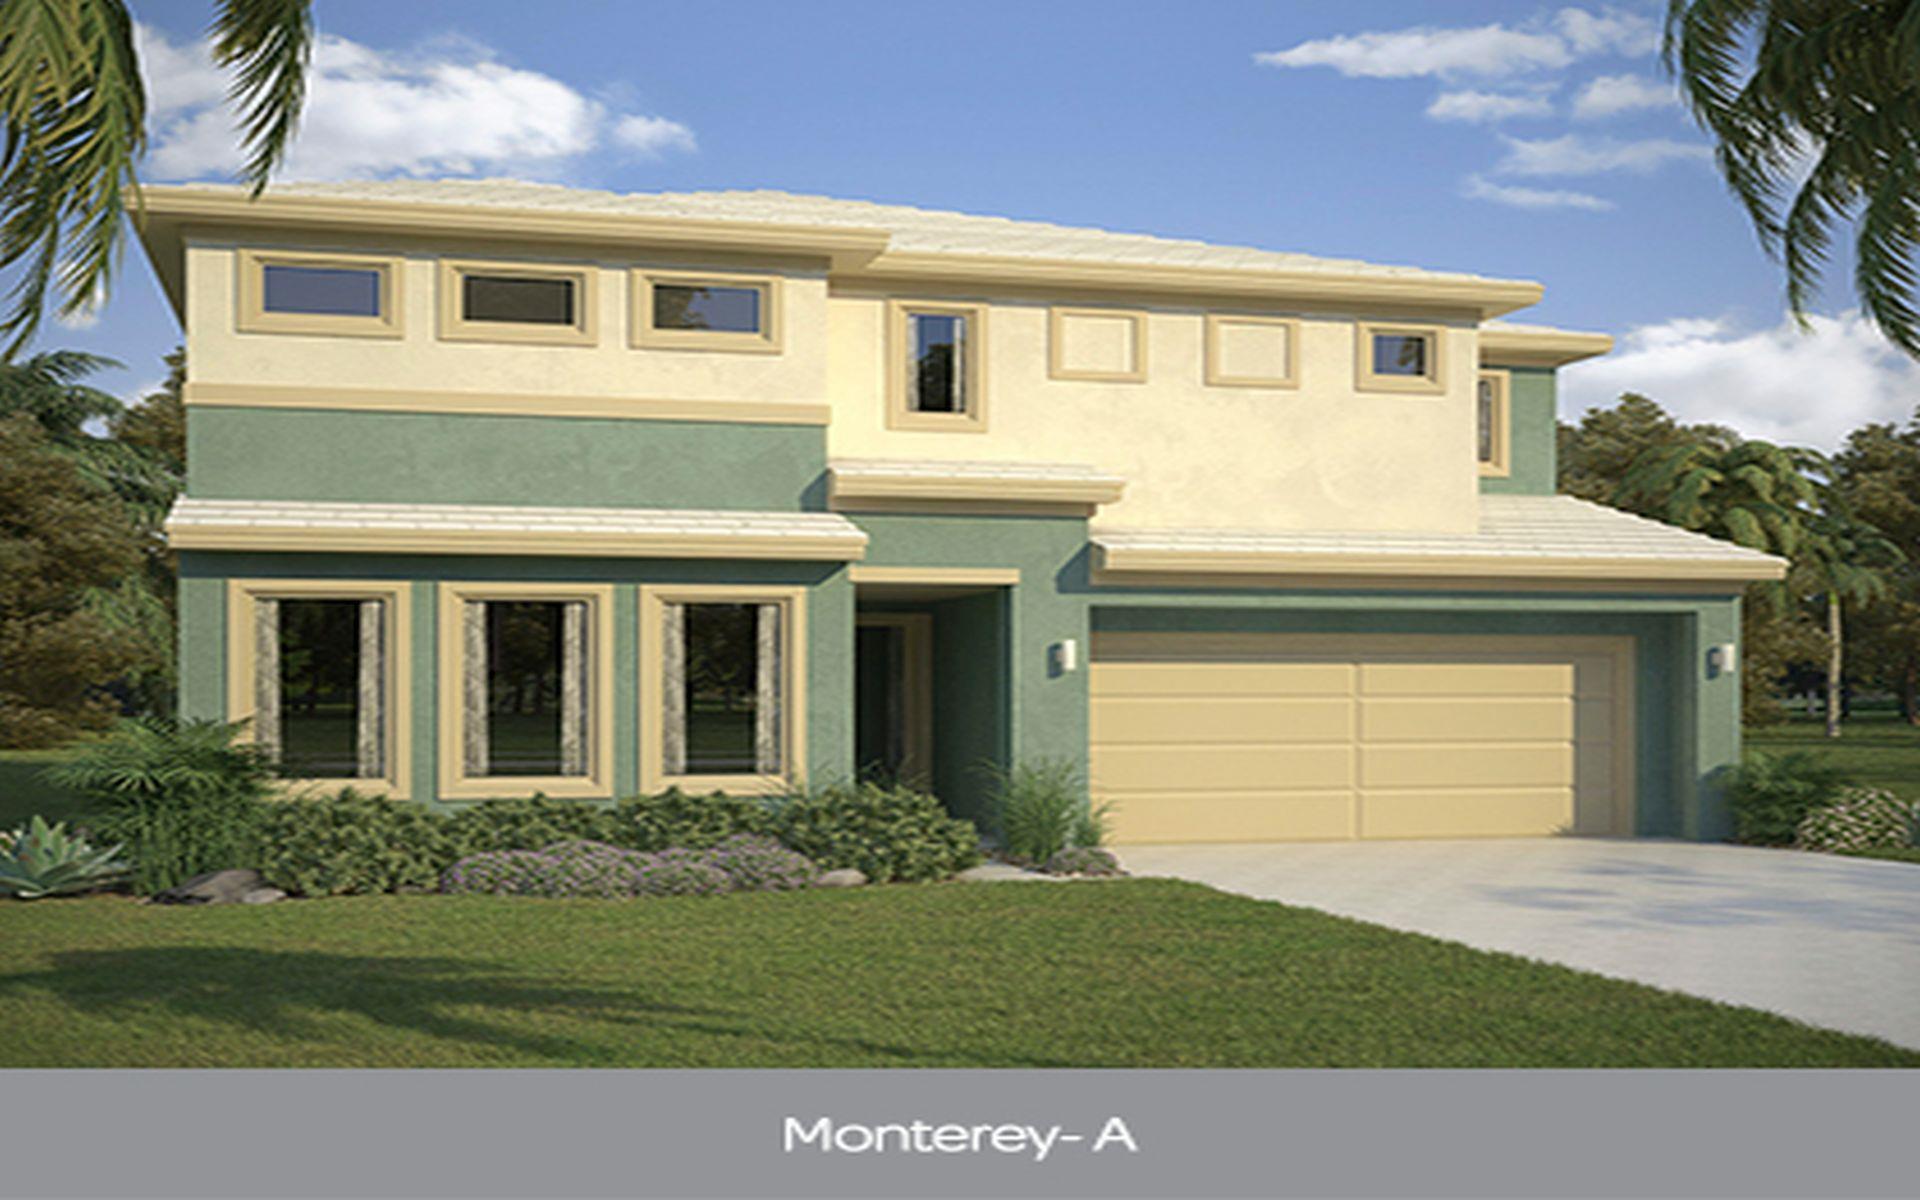 Monterrey Bella Vida Resort